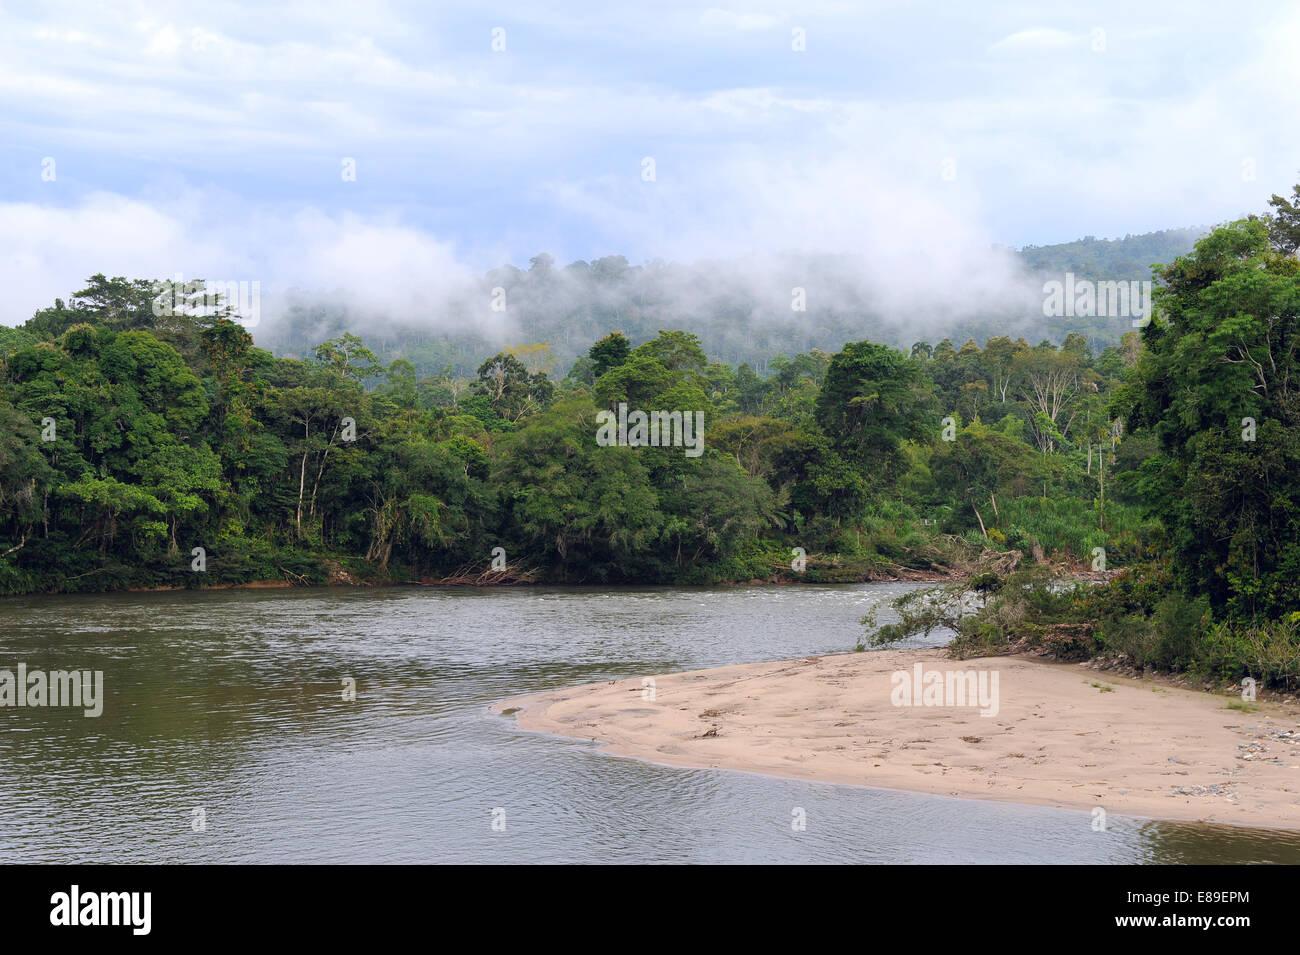 Amazon, View of the tropical rainforest, Rio Napo, Misahualli, Ecuador - Stock Image